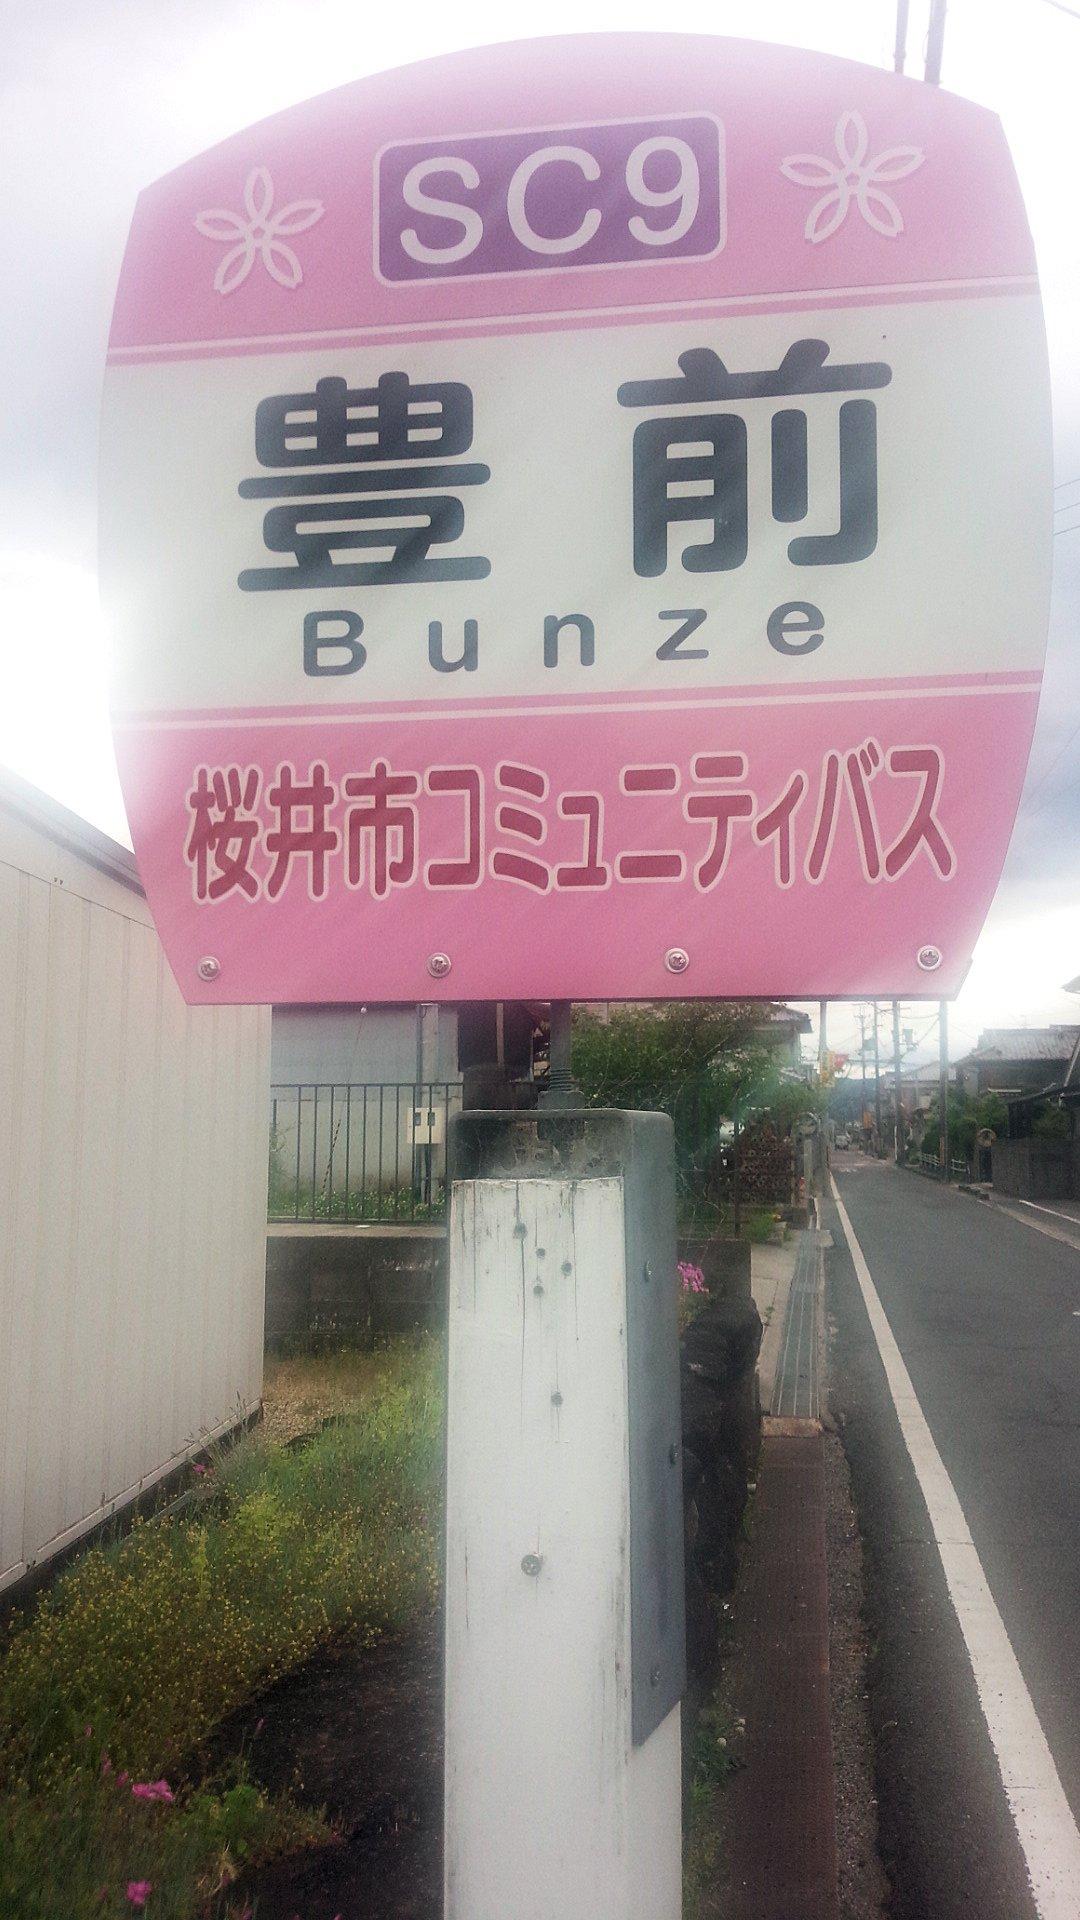 桜井市コミュニティバス「豊前」バス停